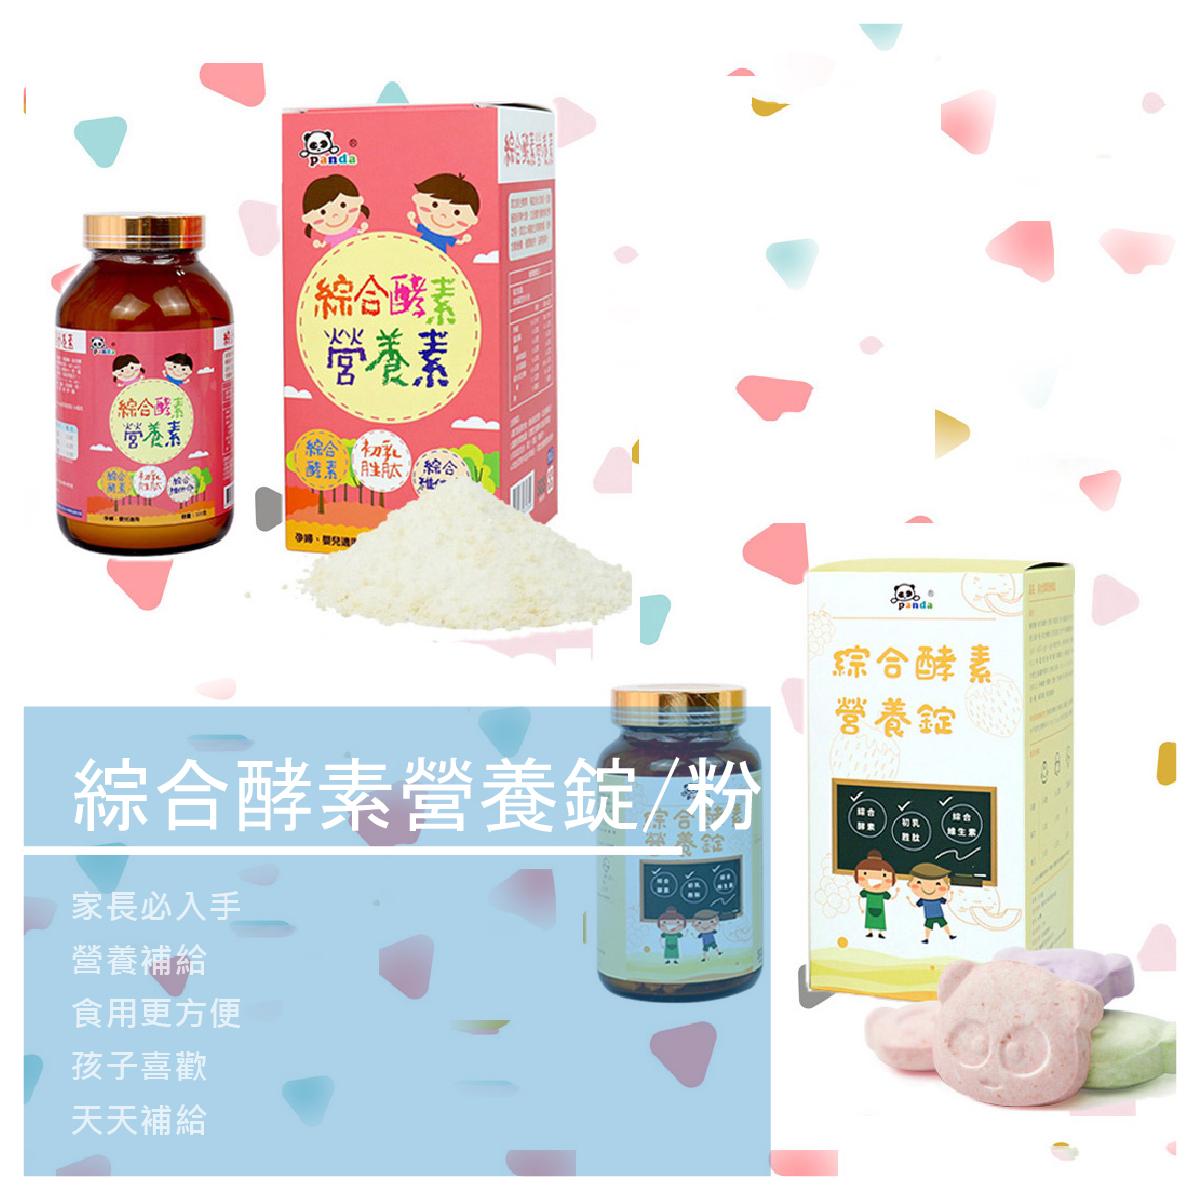 【碧綠谷藥局】鑫耀Panda 綜合酵素營養[錠 / 粉] /罐 [買一送一 (全系列商品可任選)]